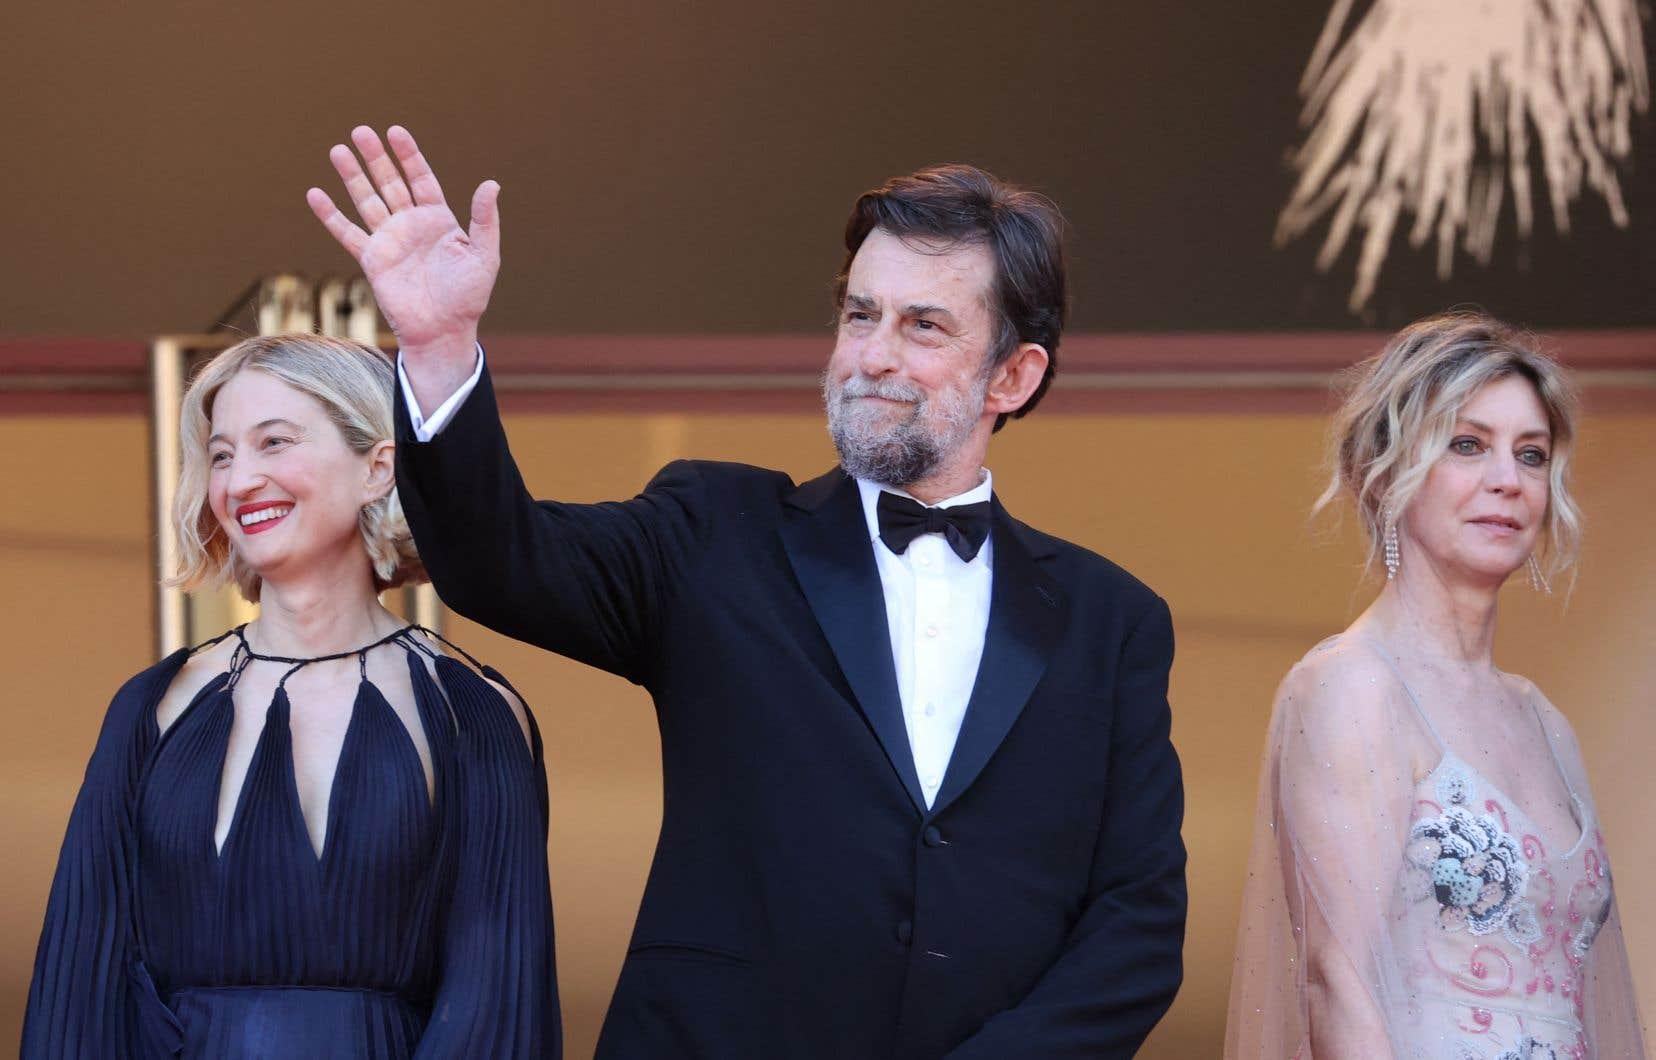 Le cinéaste Nanni Moretti pose avec les actrices de son film «Tre Piani» Alba Rohrwacher (à gauche) et Margherita Buy (à droite).